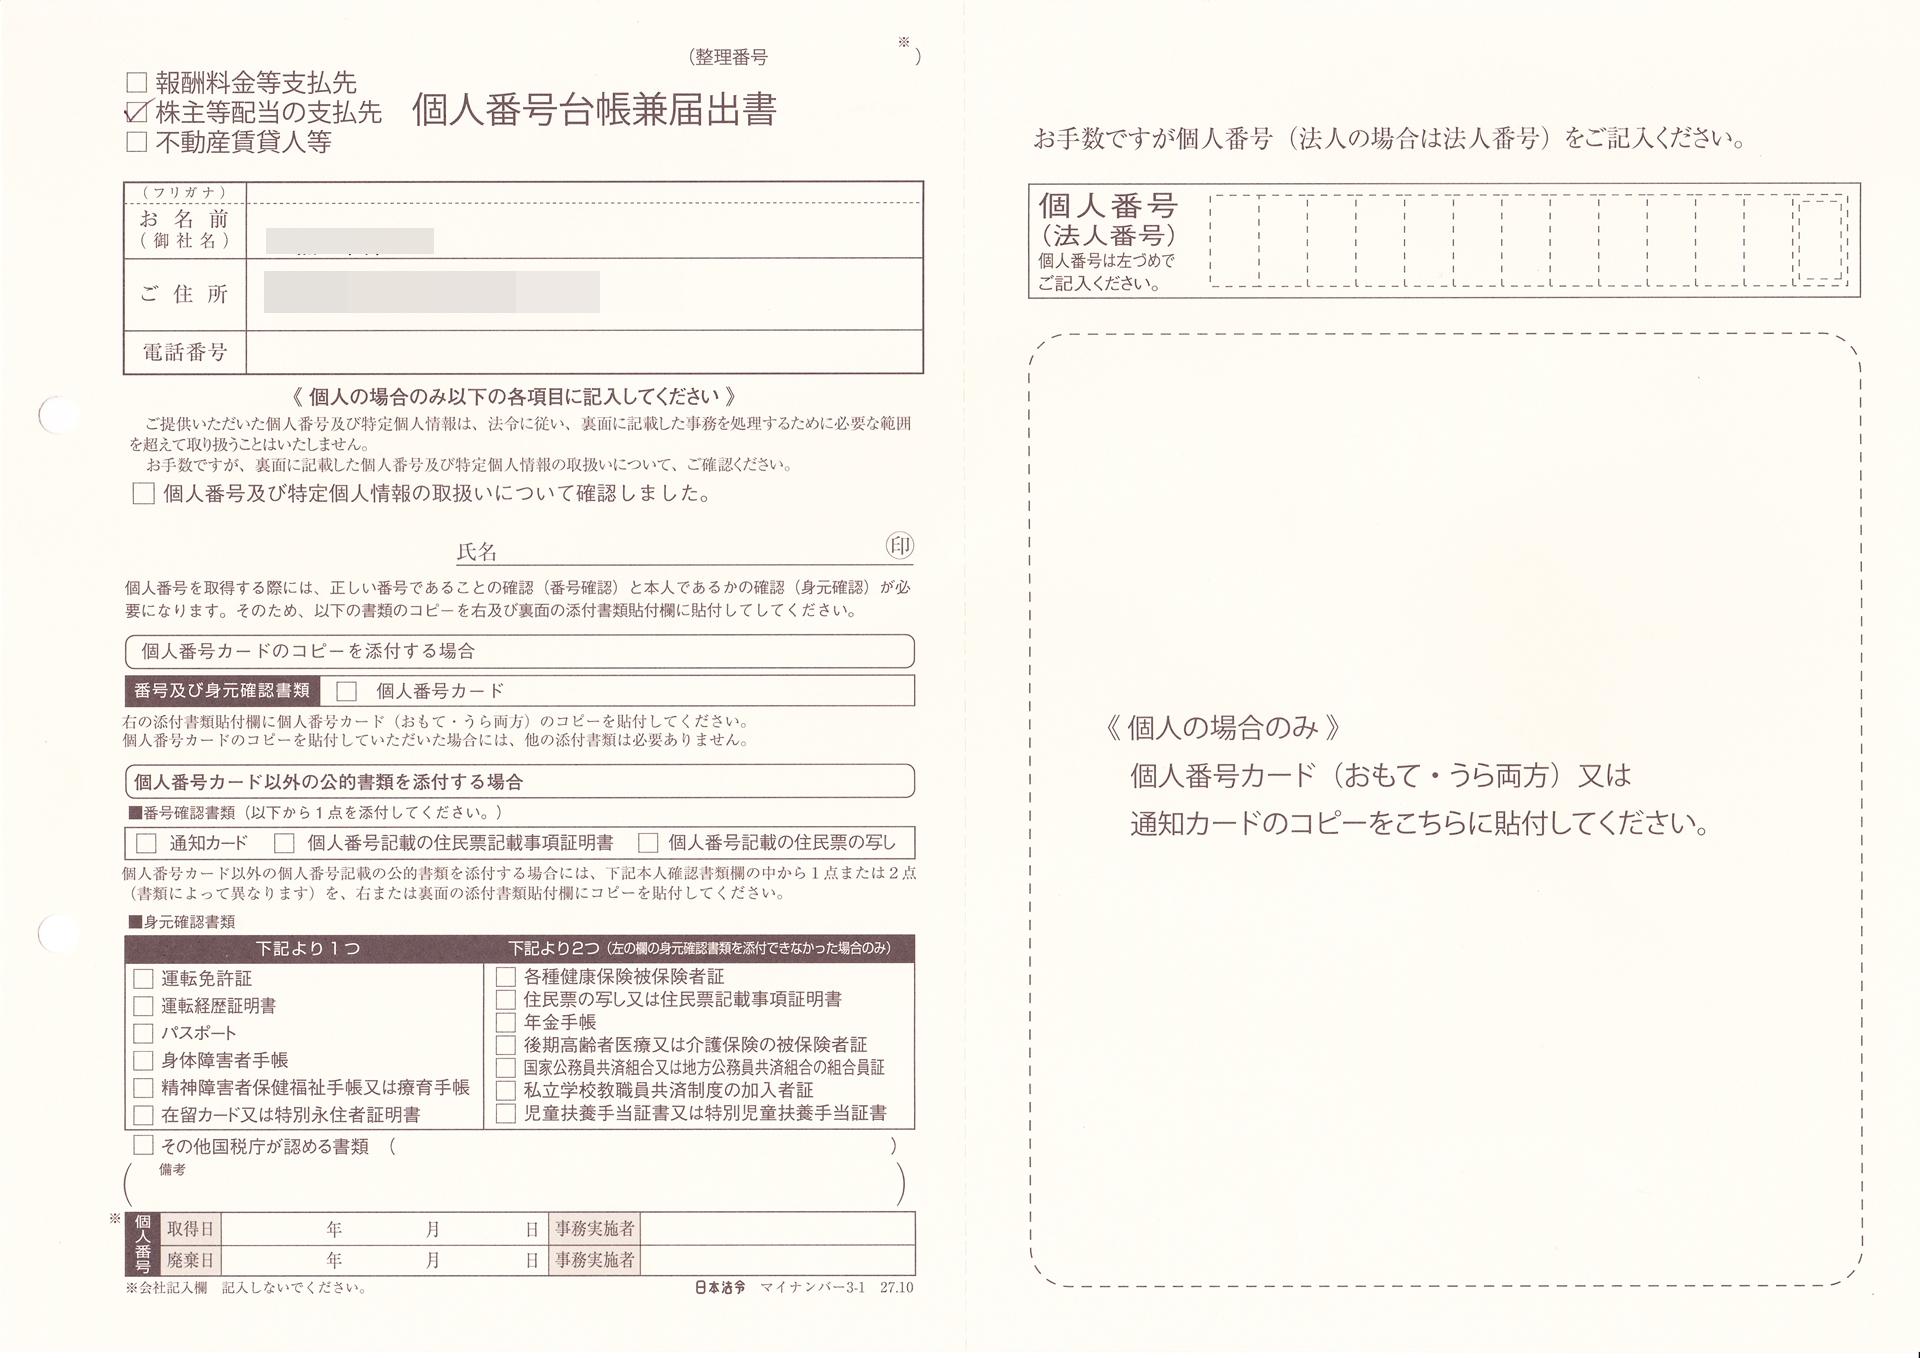 kabuhaito_mynumber_app.jpg